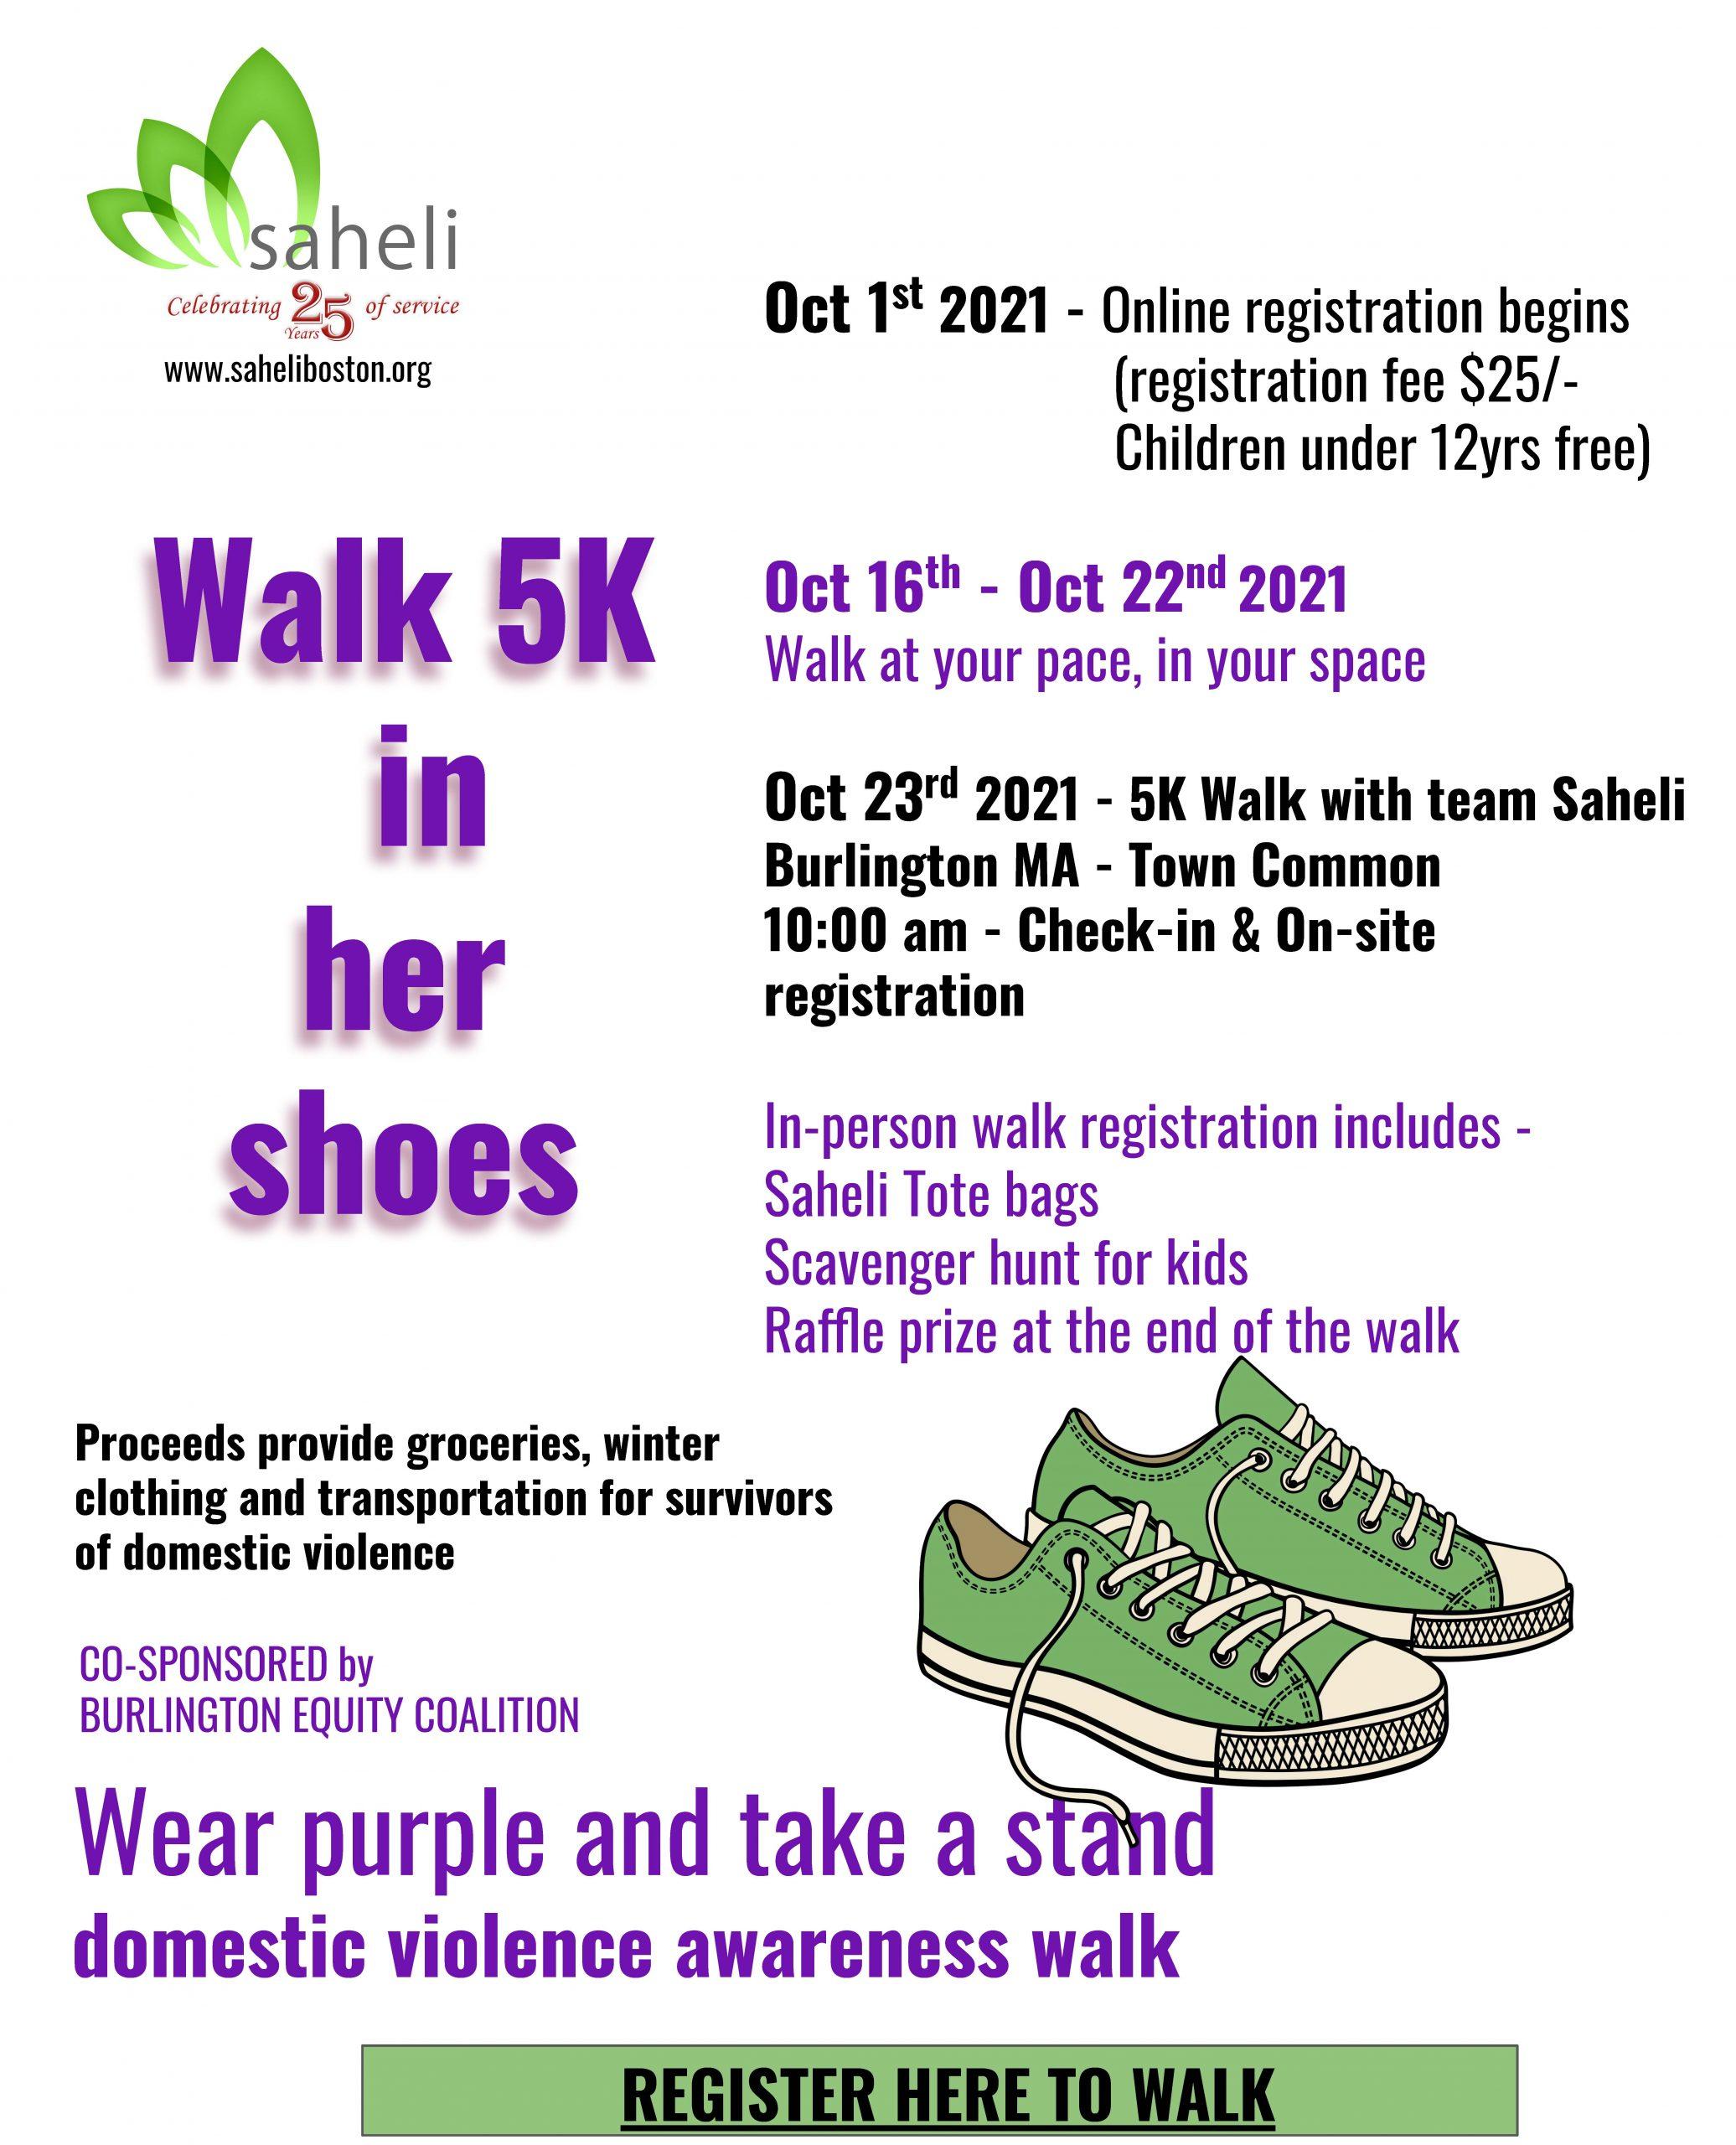 Walk 5K with Saheli flyer